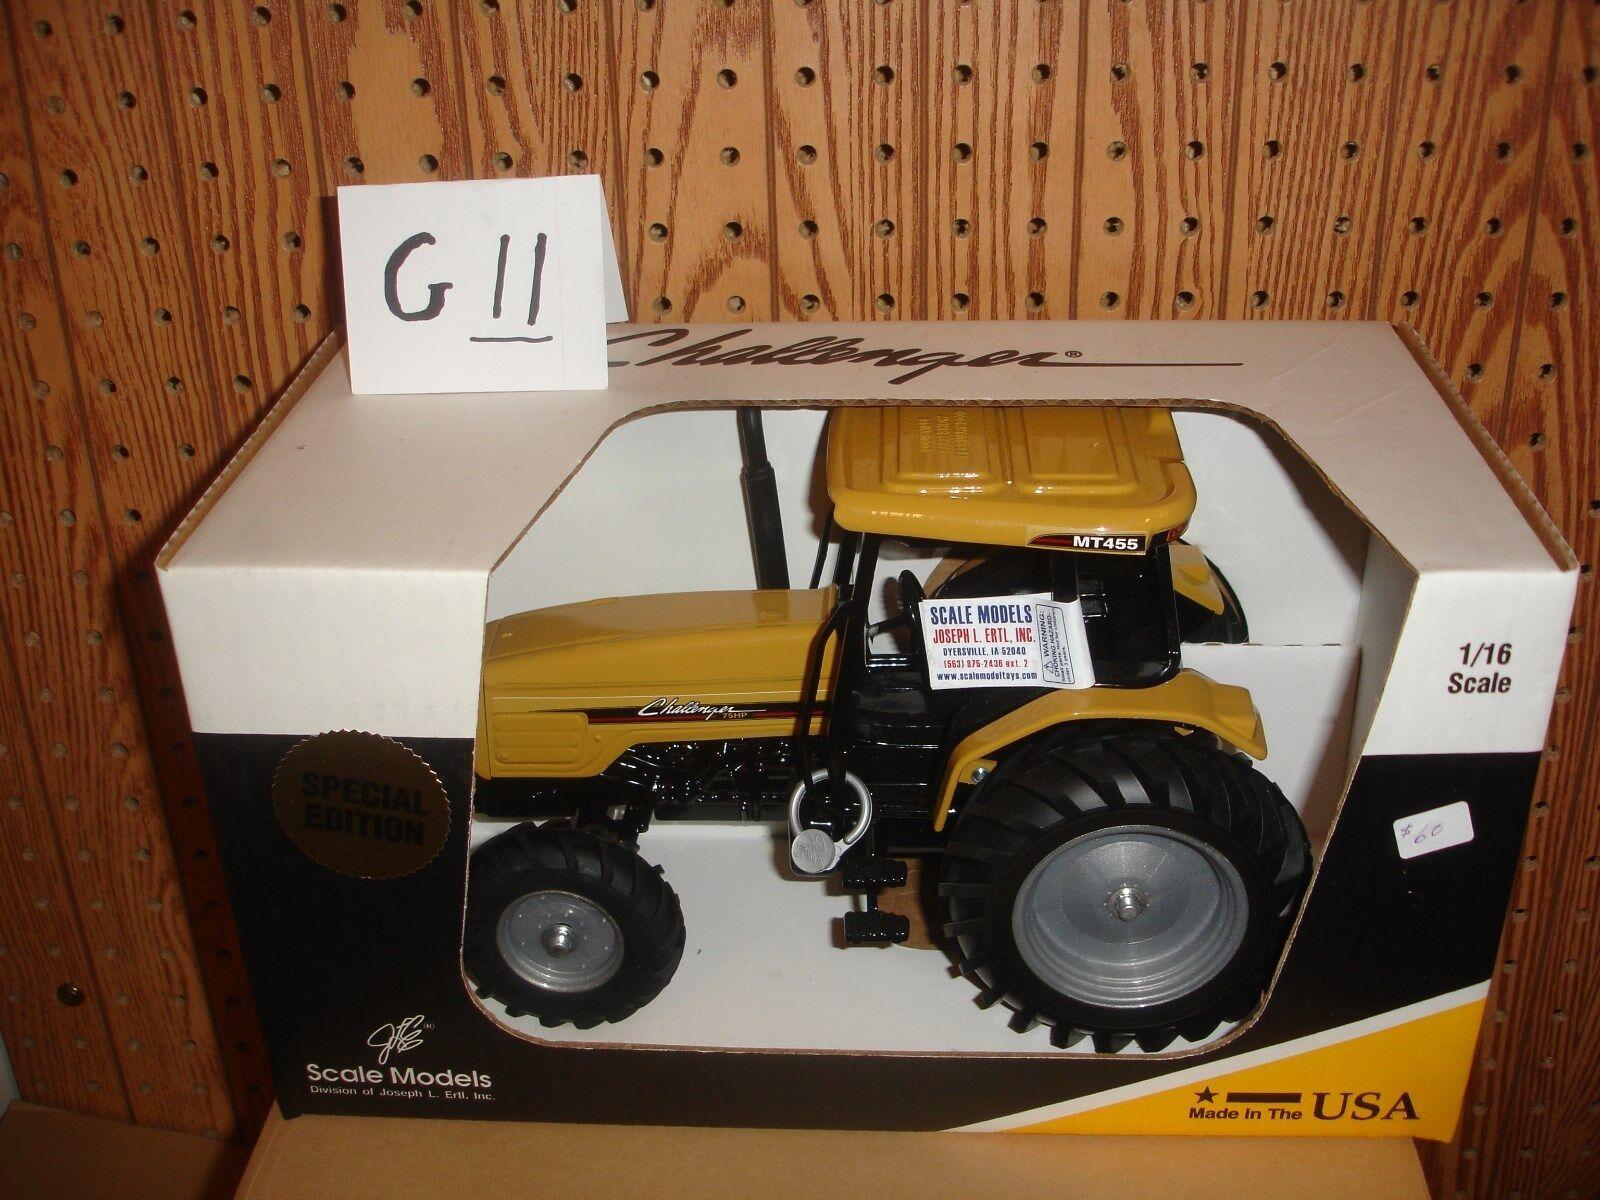 Precio al por mayor y calidad confiable. 1 1 1 16 Tractor Challenger Mt 455  hasta 60% de descuento